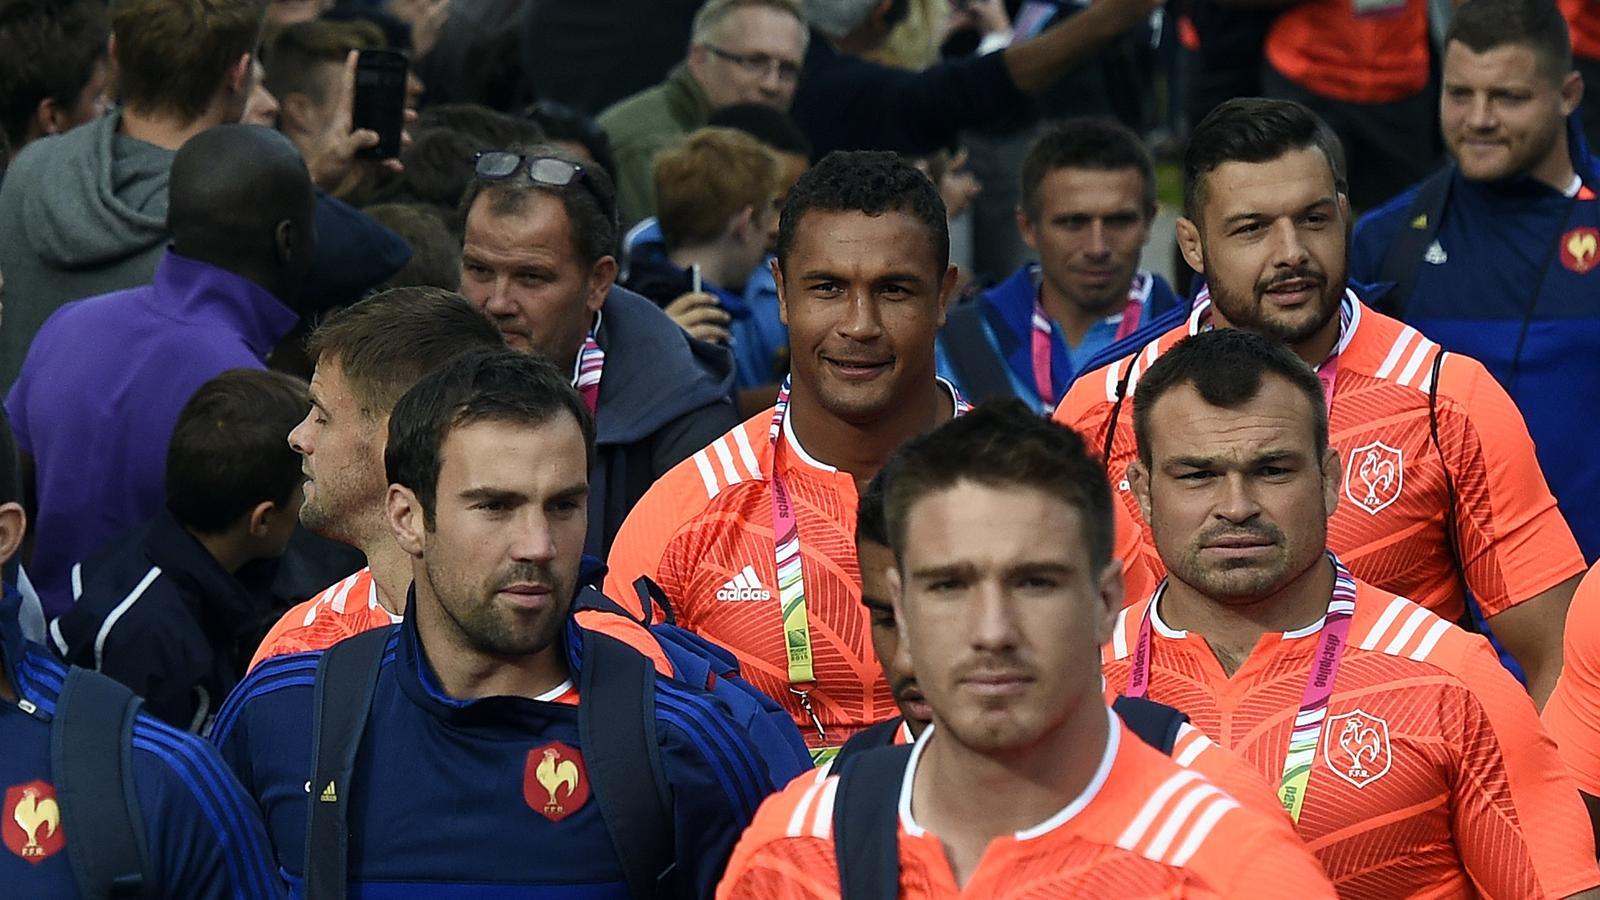 Thierry Dusautoir et les joueurs du XV de France - 13 septembre 2015